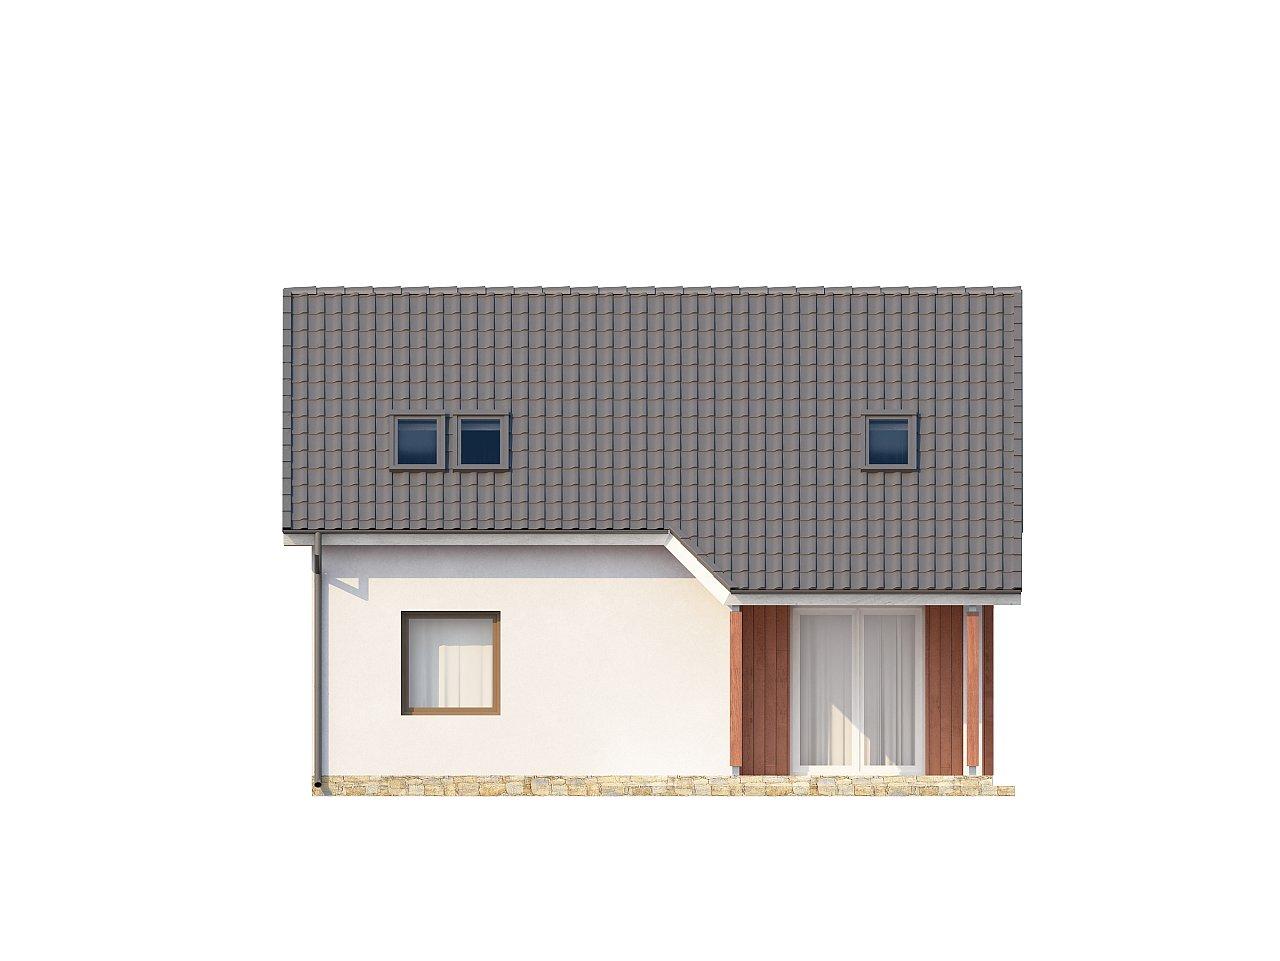 Простой и экономичный дом с мансардой и дополнительной комнатой на первом этаже. 10